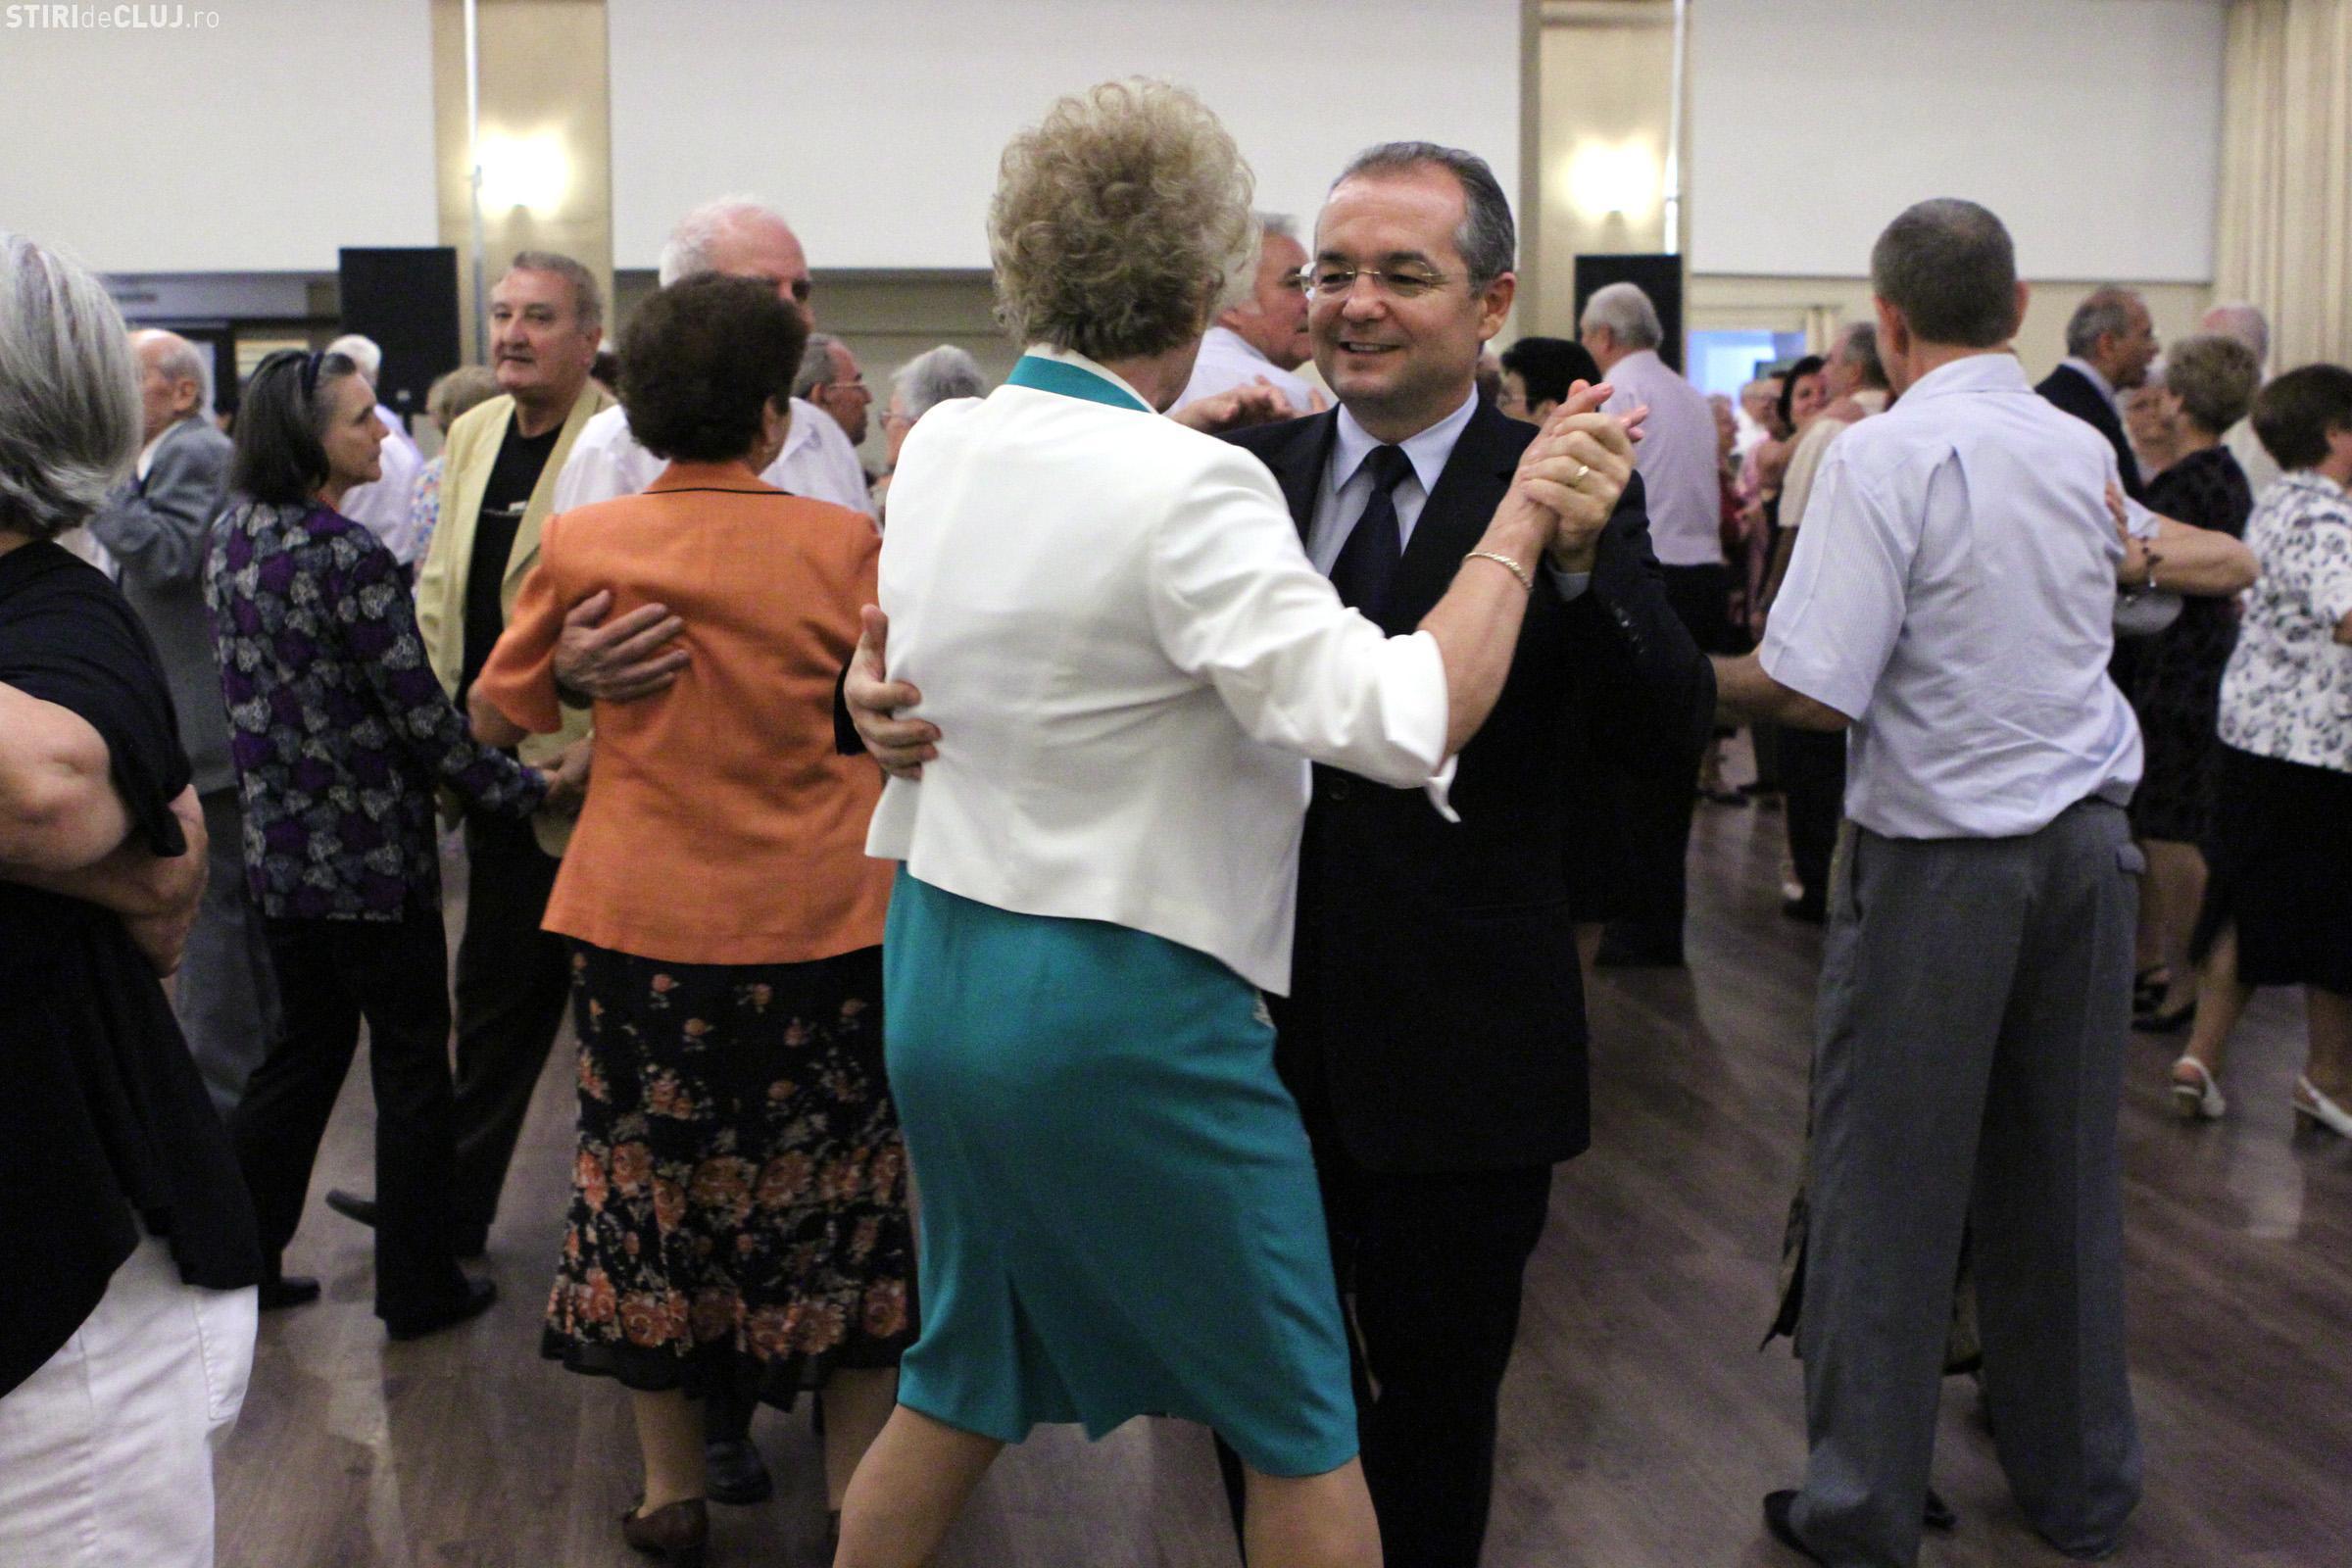 Primăria Cluj-Napoca va achita și în 2017 petrecerea pensionarilor. Sunt așteptați 2.000 de participanți